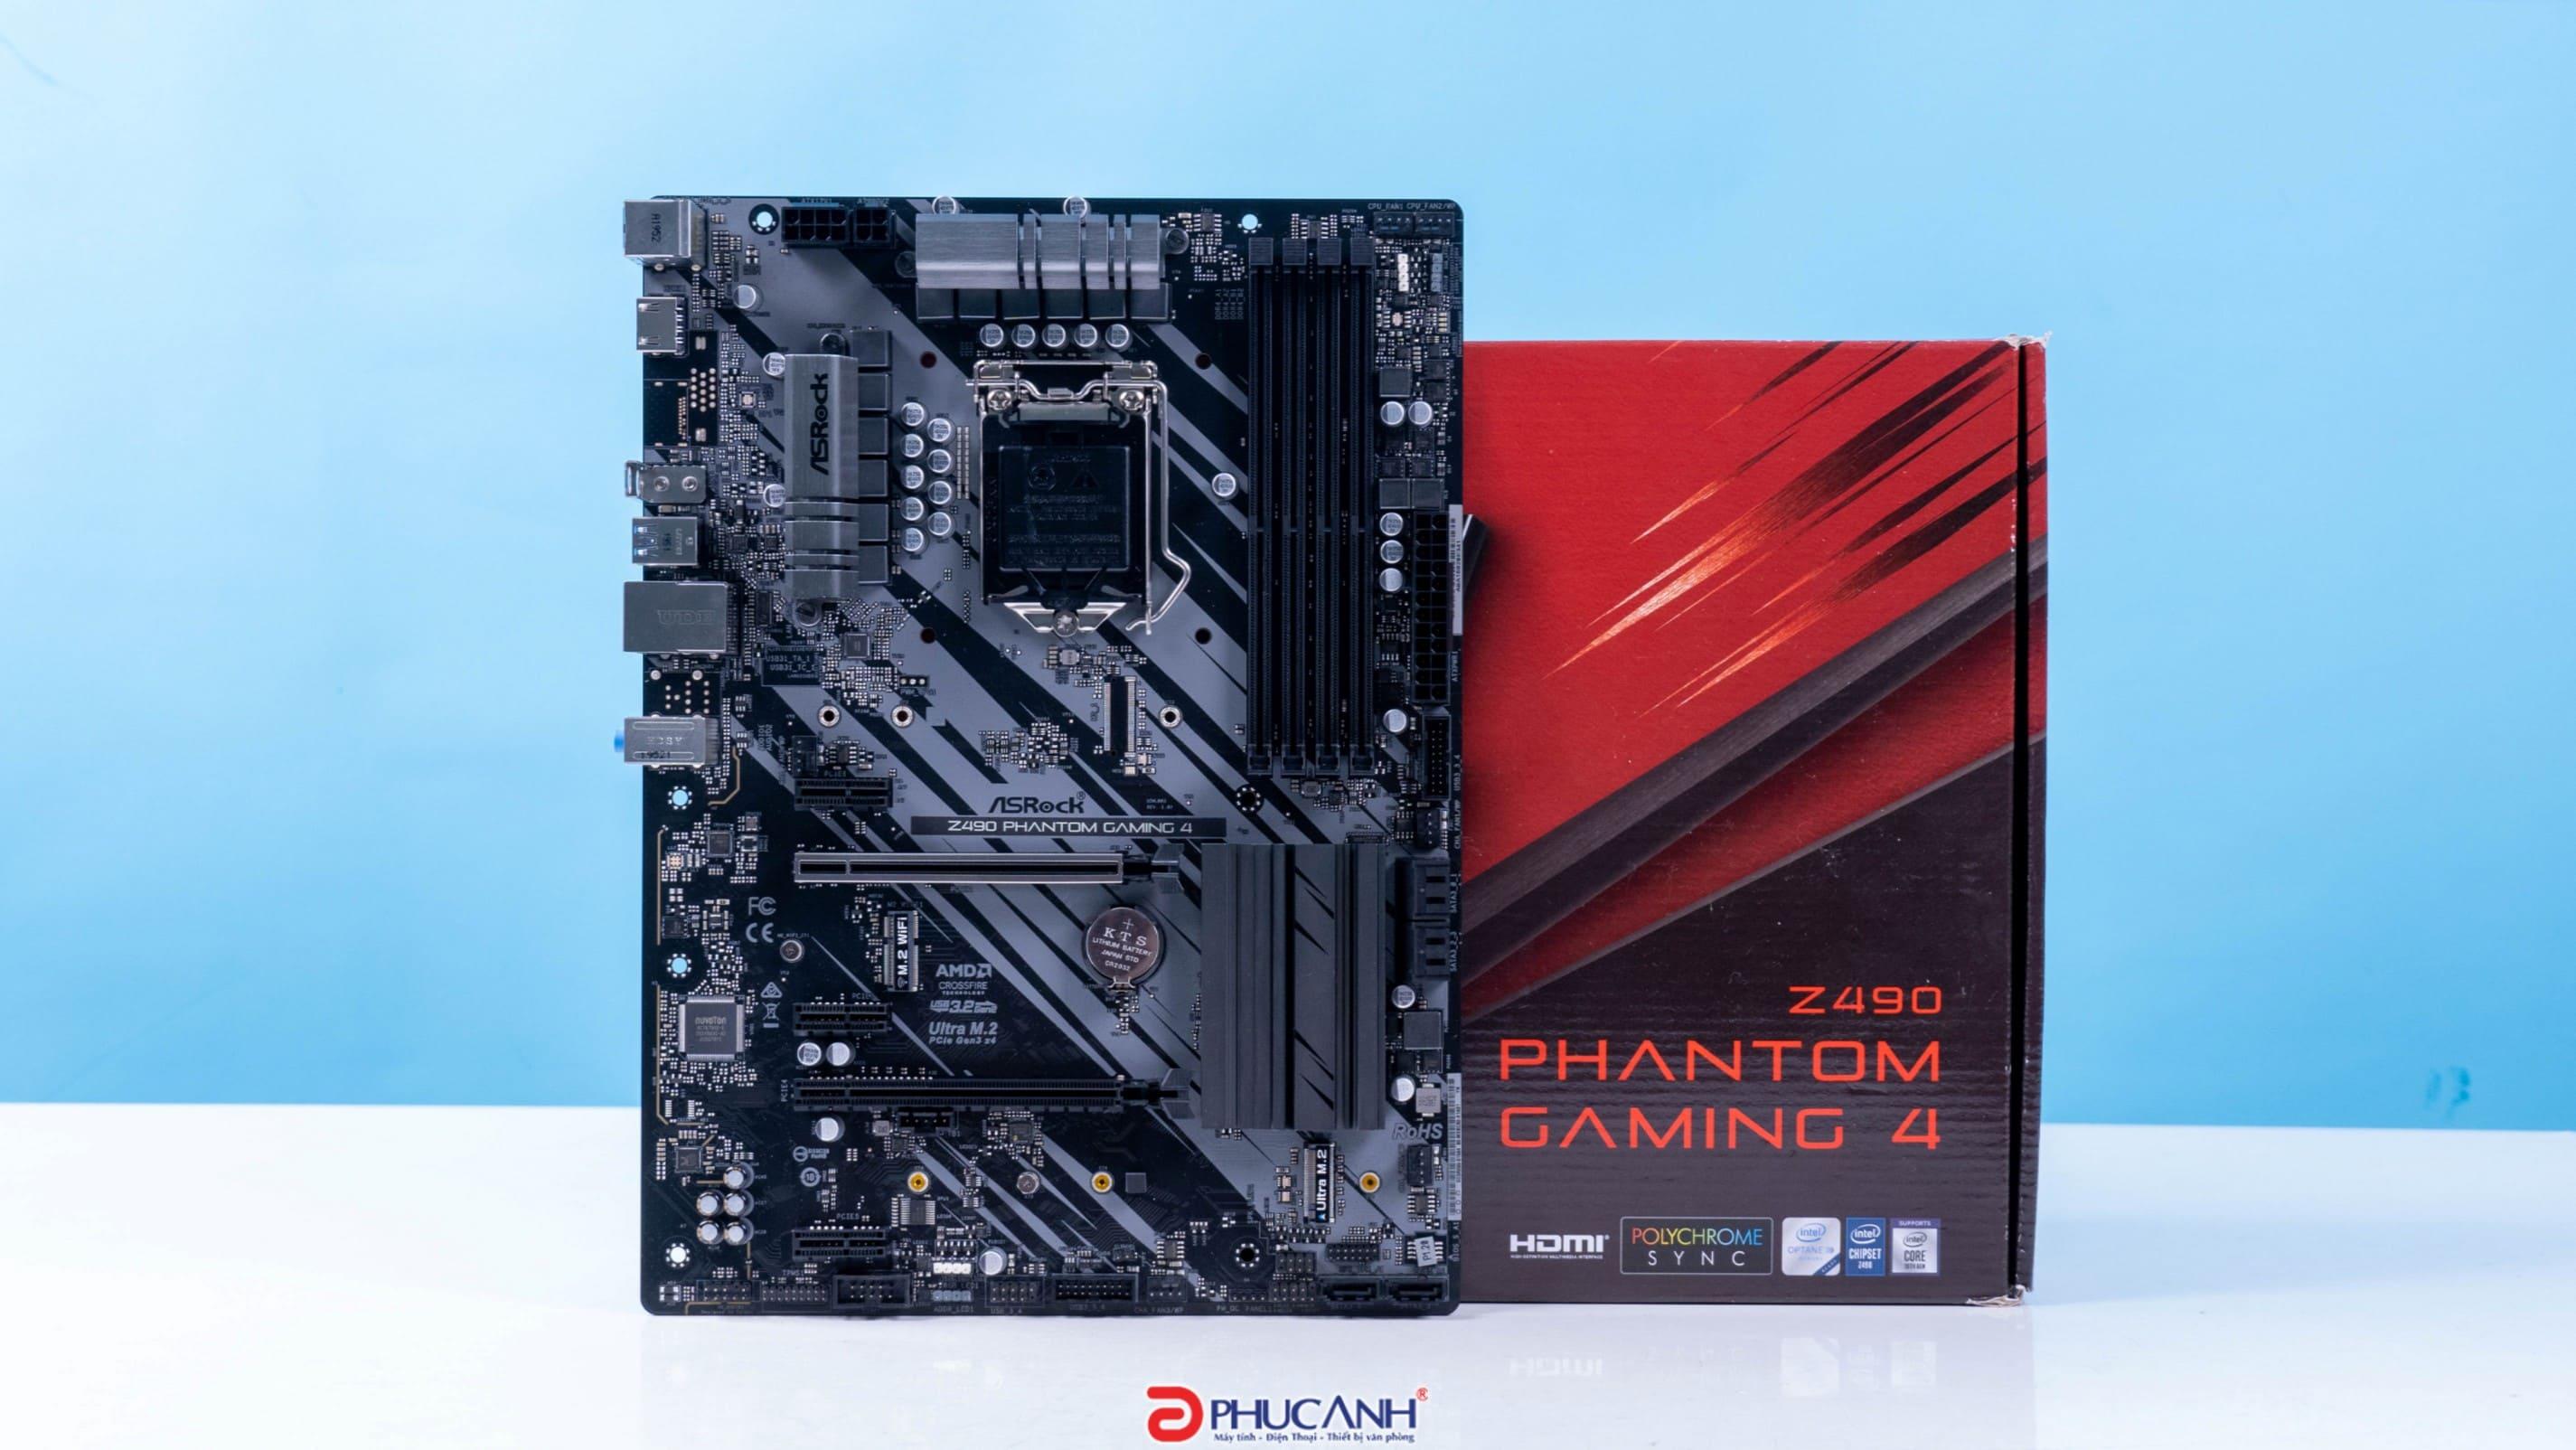 [UNBOX] ASROCK Z490 PHANTOM GAMING 4 - BO MẠCH CHỦ Z490 NGON BỔ NHẤT CHO GAME THỦ